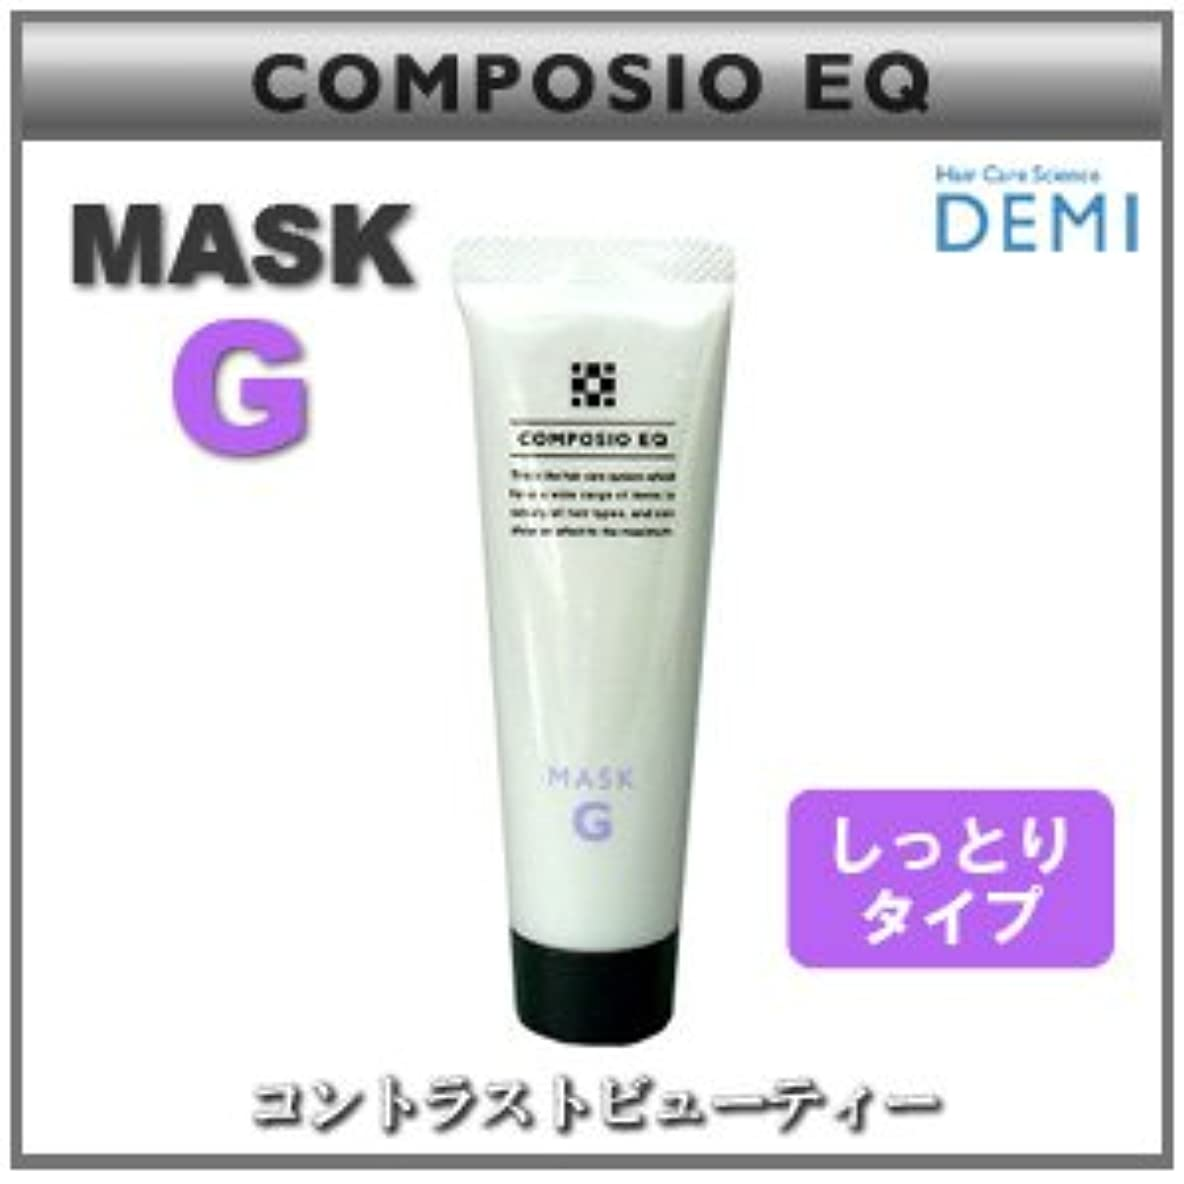 反論まつげコンパクト【X2個セット】 デミ コンポジオ EQ マスク G 50g